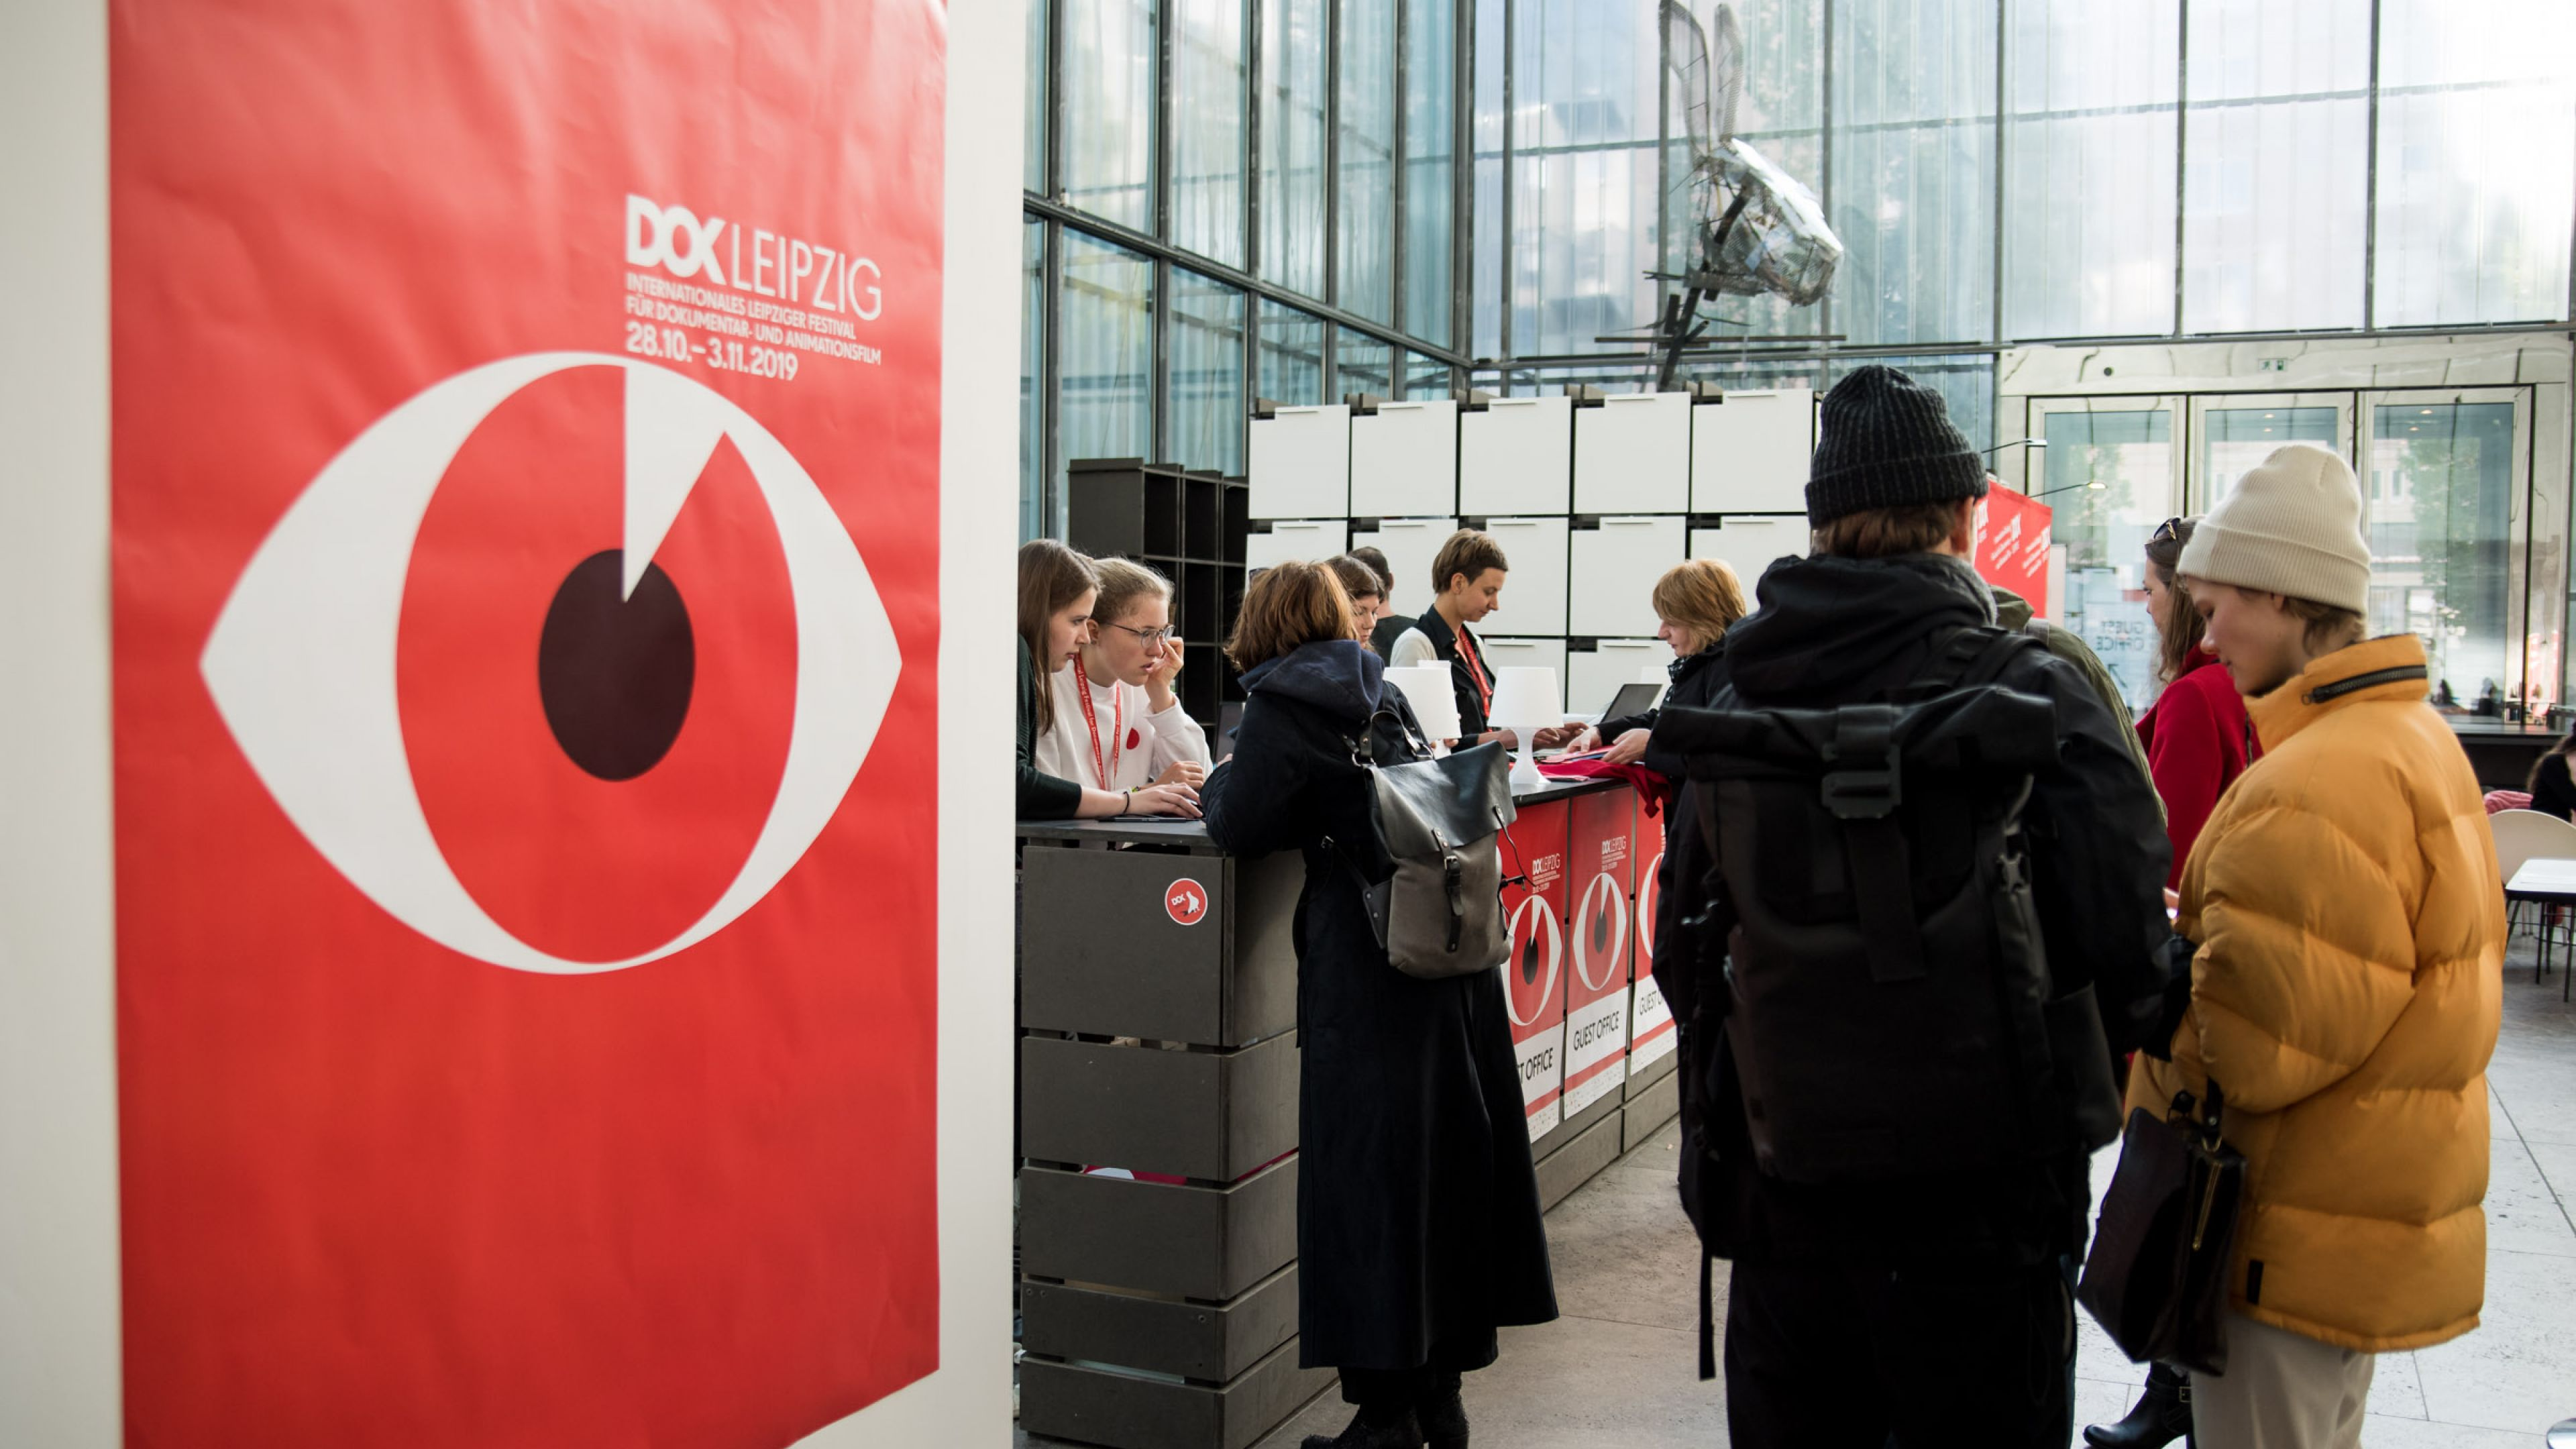 Junge Menschen stehen in einer Schlange vor dem Schalter im lichtdurchfluteten Gästebüro an. Links ist ein Plakat mit dem Festivalmotiv, einem Auge vor rotem Hintergrund, zu sehen.